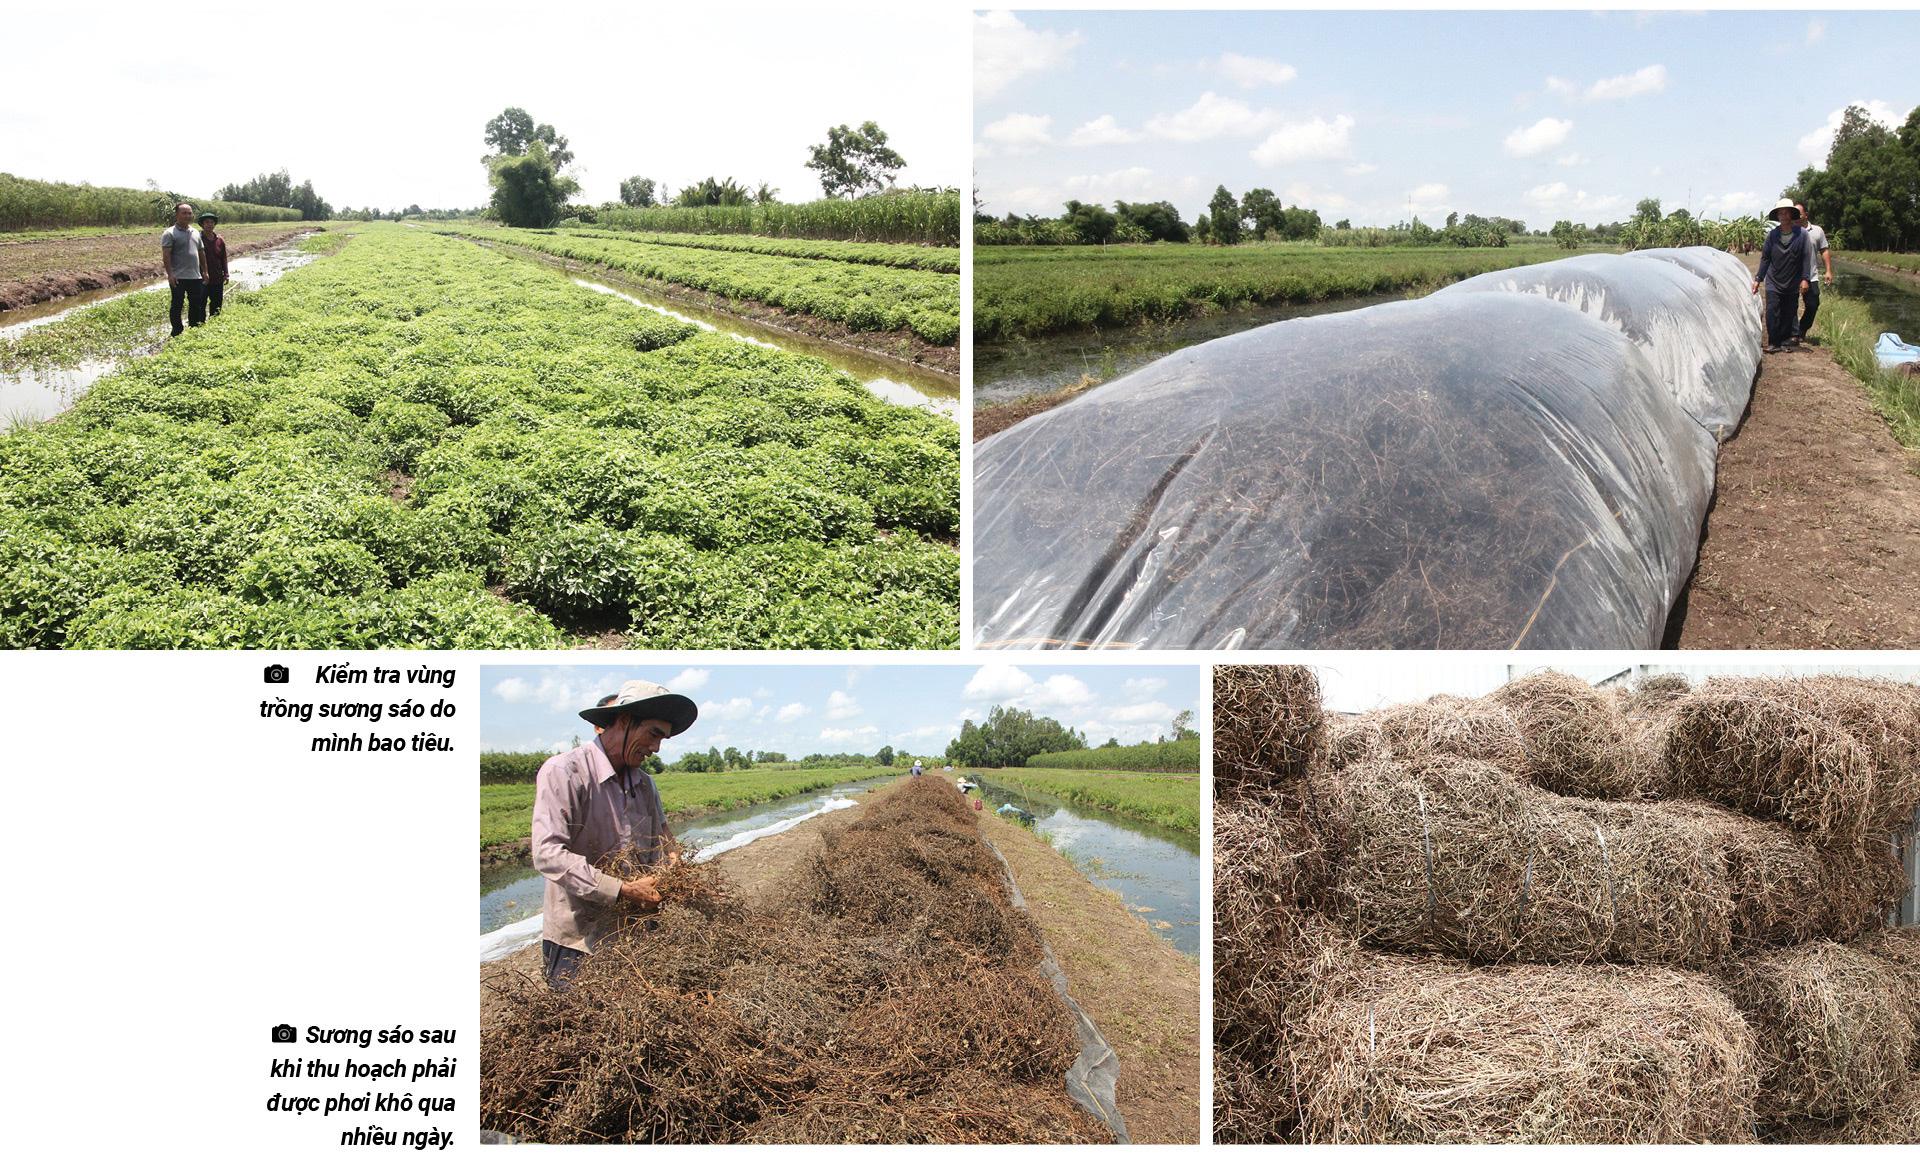 Vùng trồng sương sáo có hương thơm đặc biệt ở miền Tây - Ảnh 5.